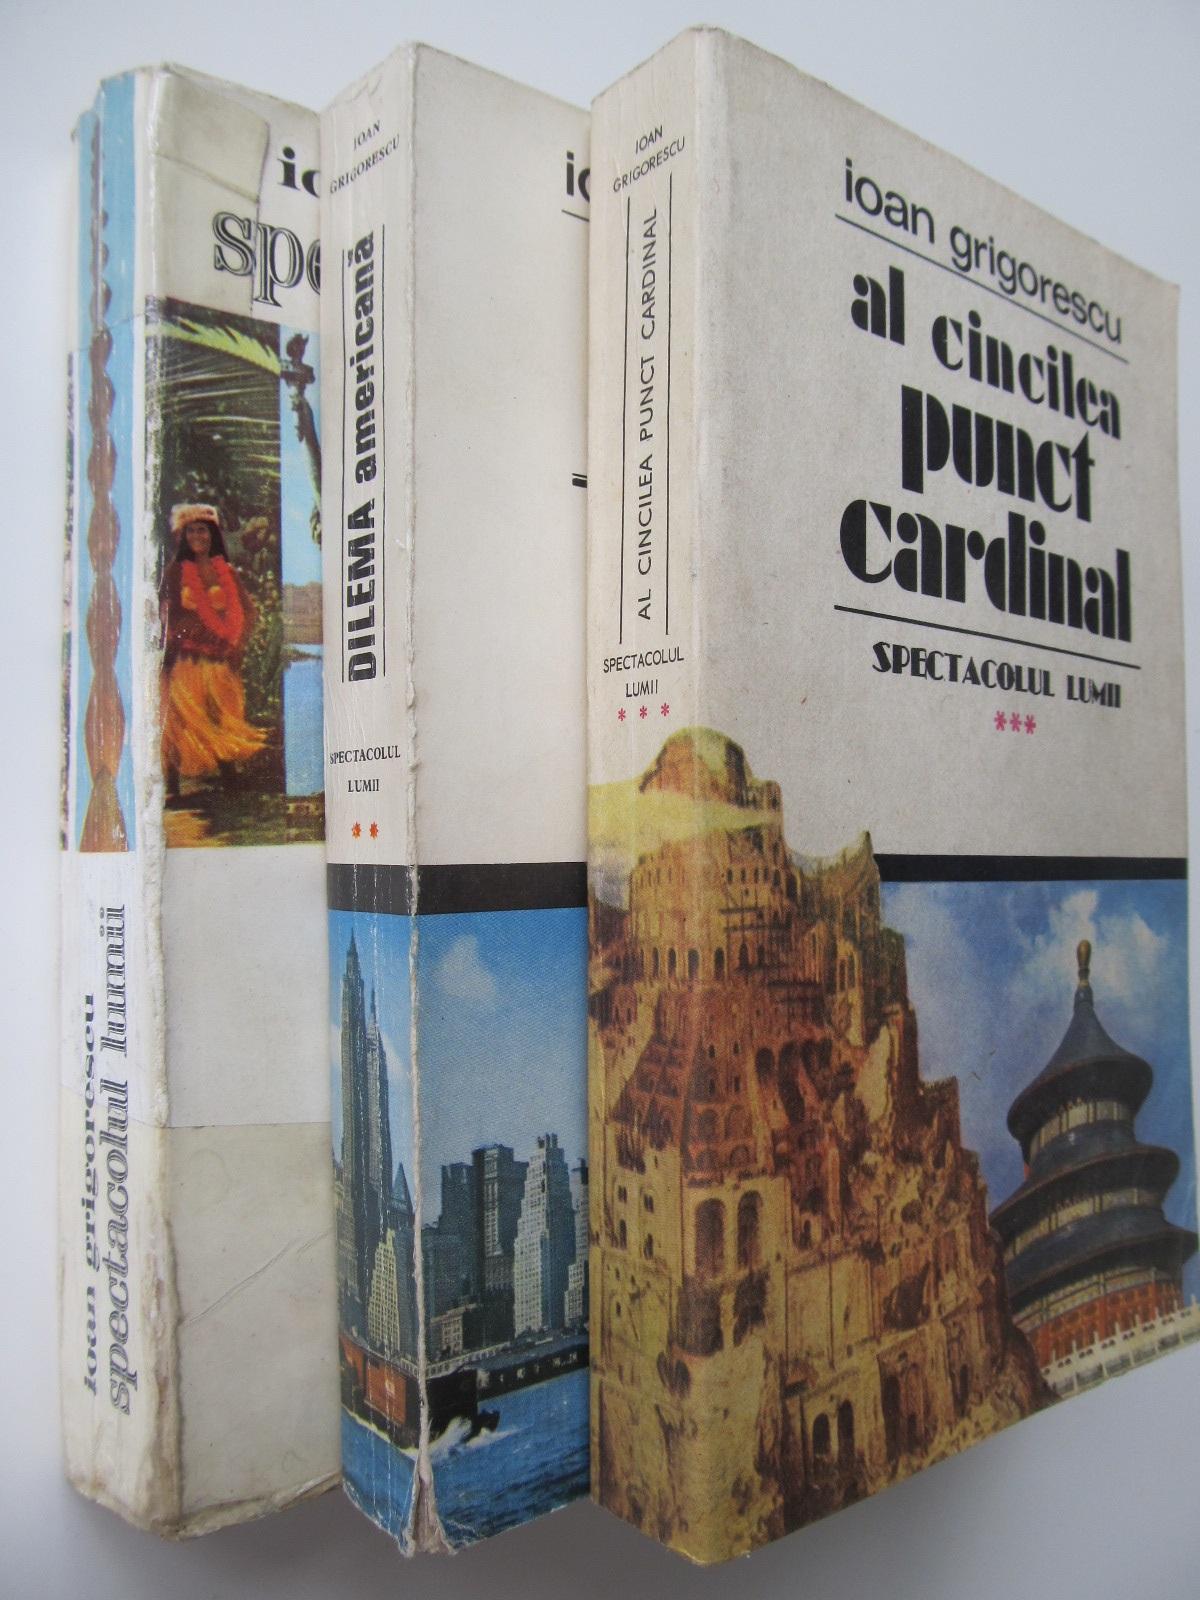 Spectacolul lumii (3 vol.) - complet - Ioan Grigorescu | Detalii carte